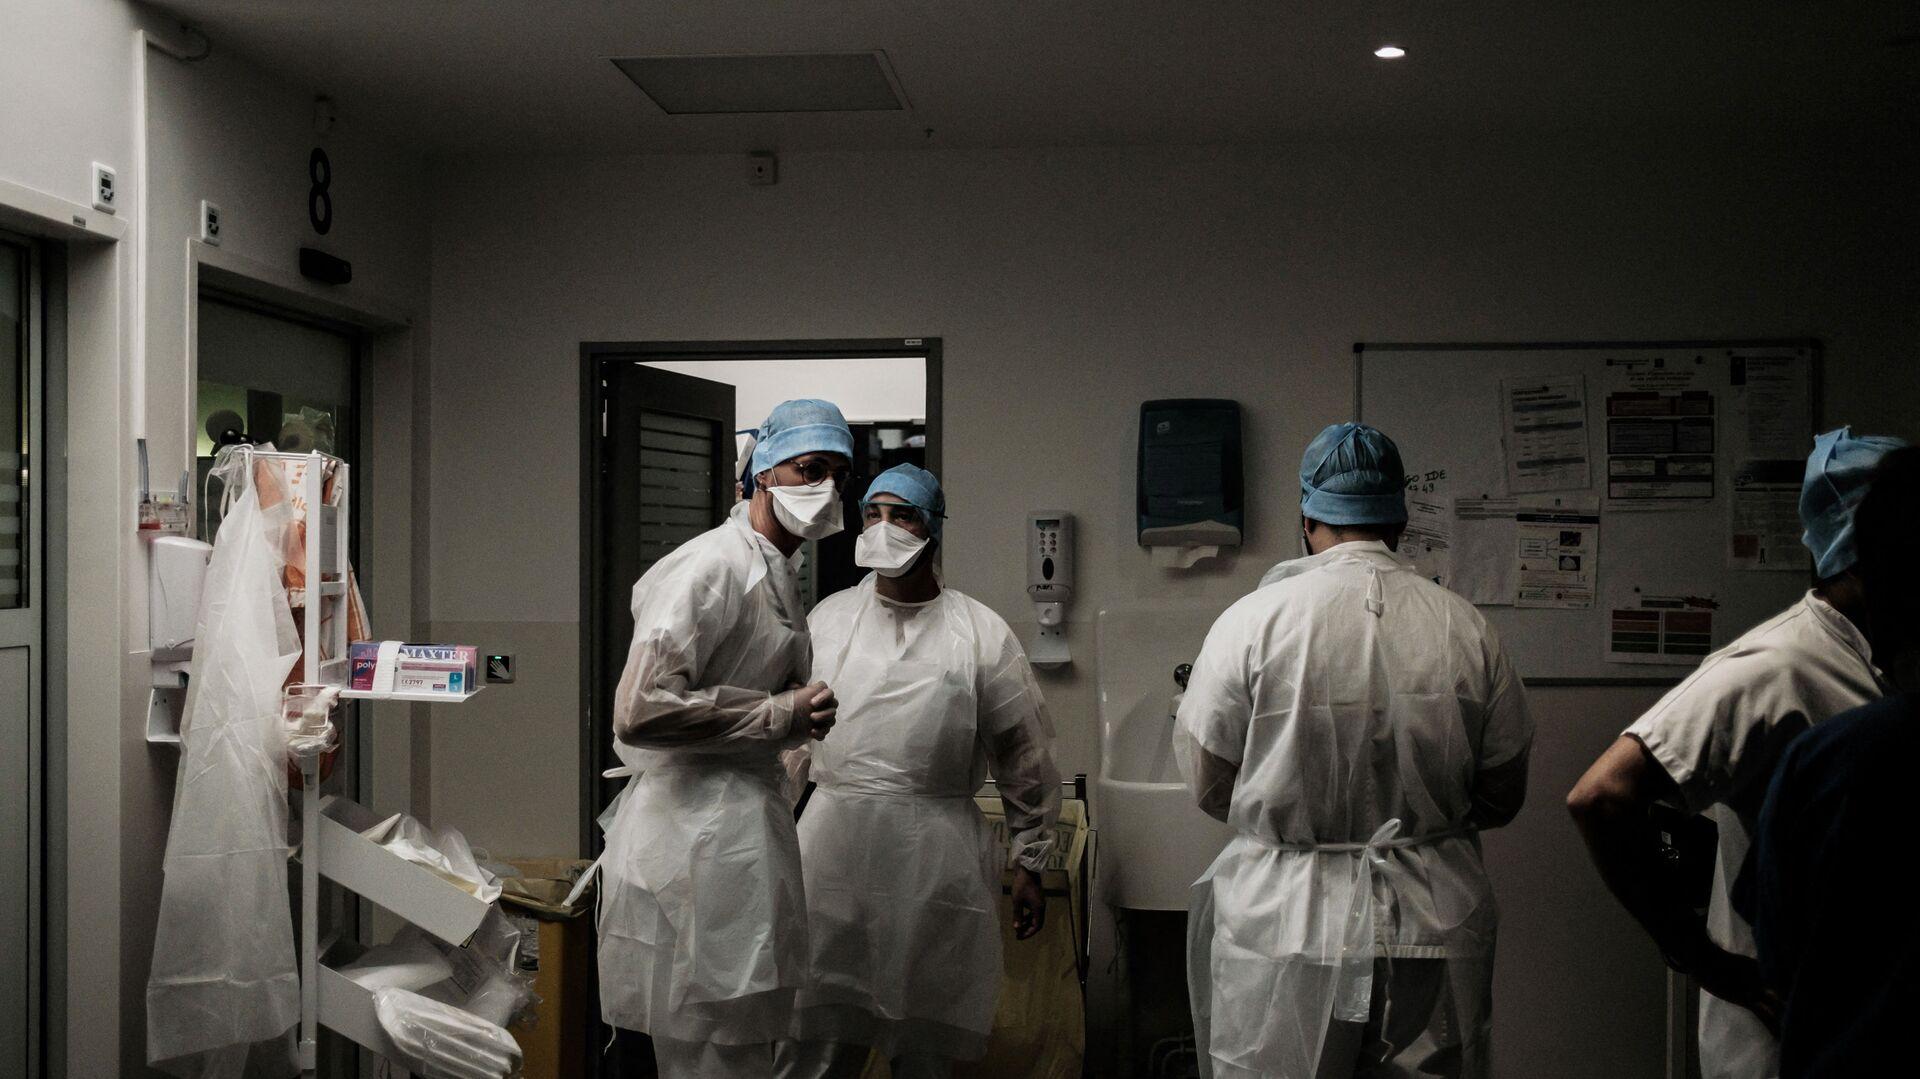 Des soignants dans un hôpital français - Sputnik France, 1920, 20.09.2021